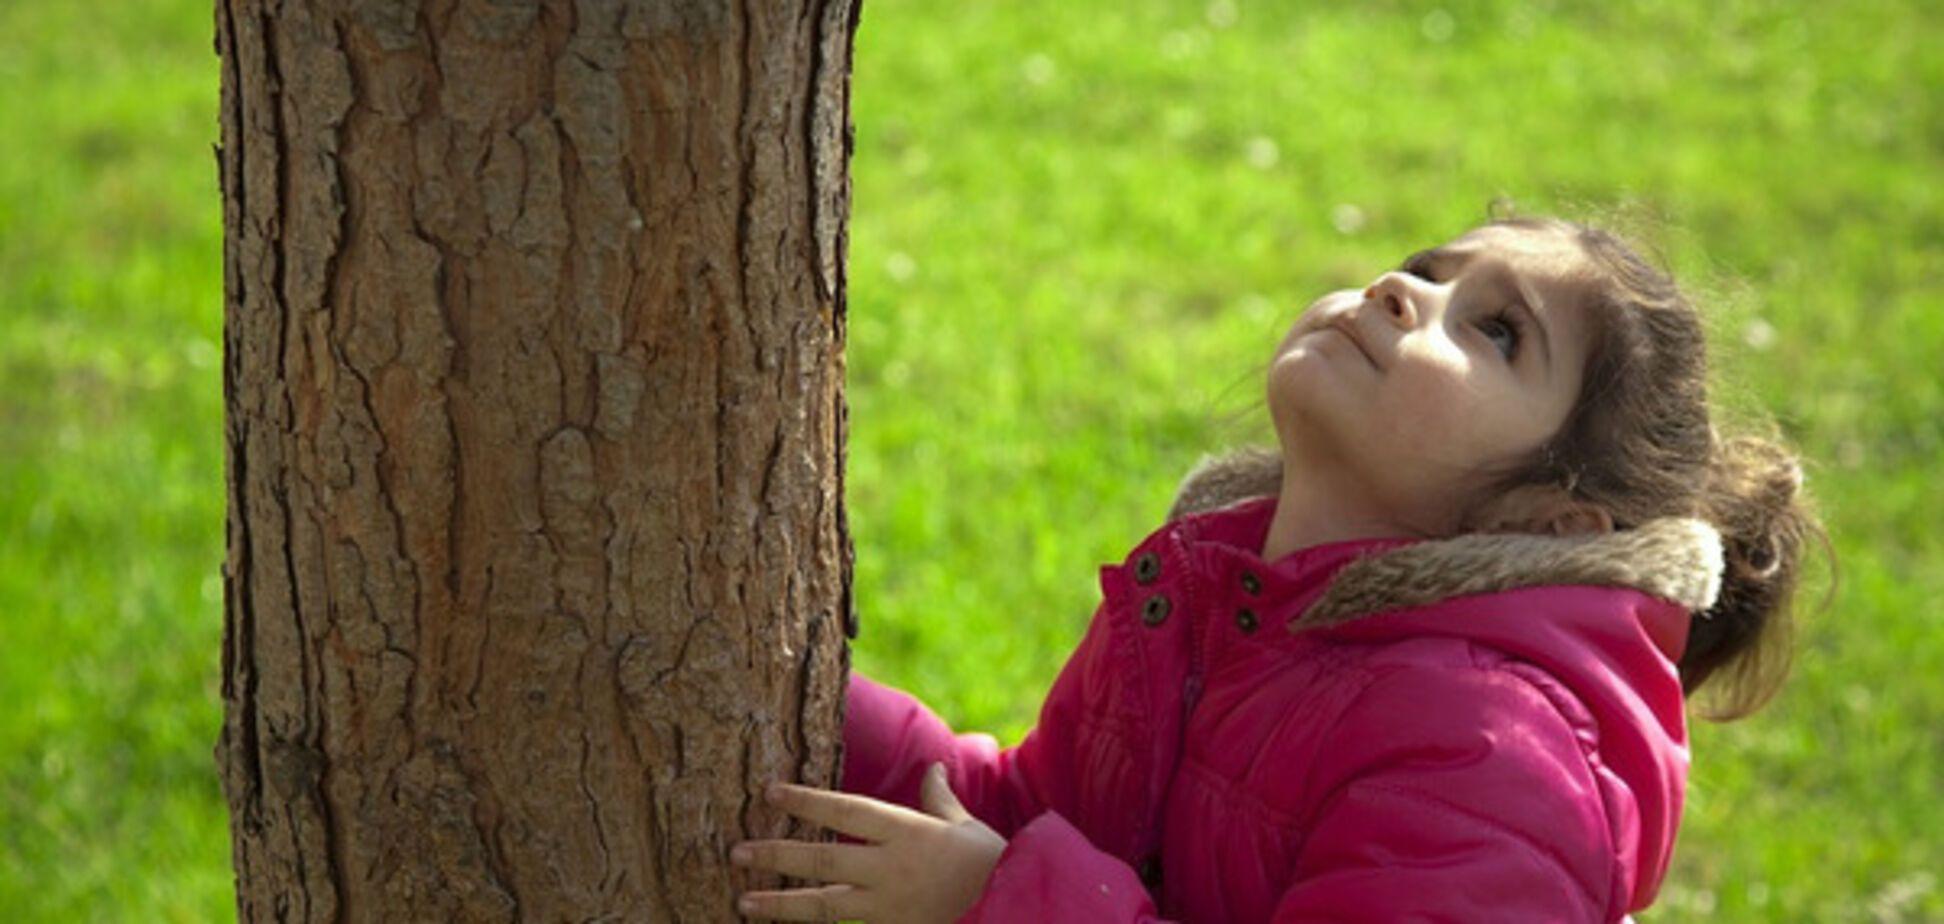 Не запрещайте детям испытывать мир: риски, к которым приводит излишняя опека родителей